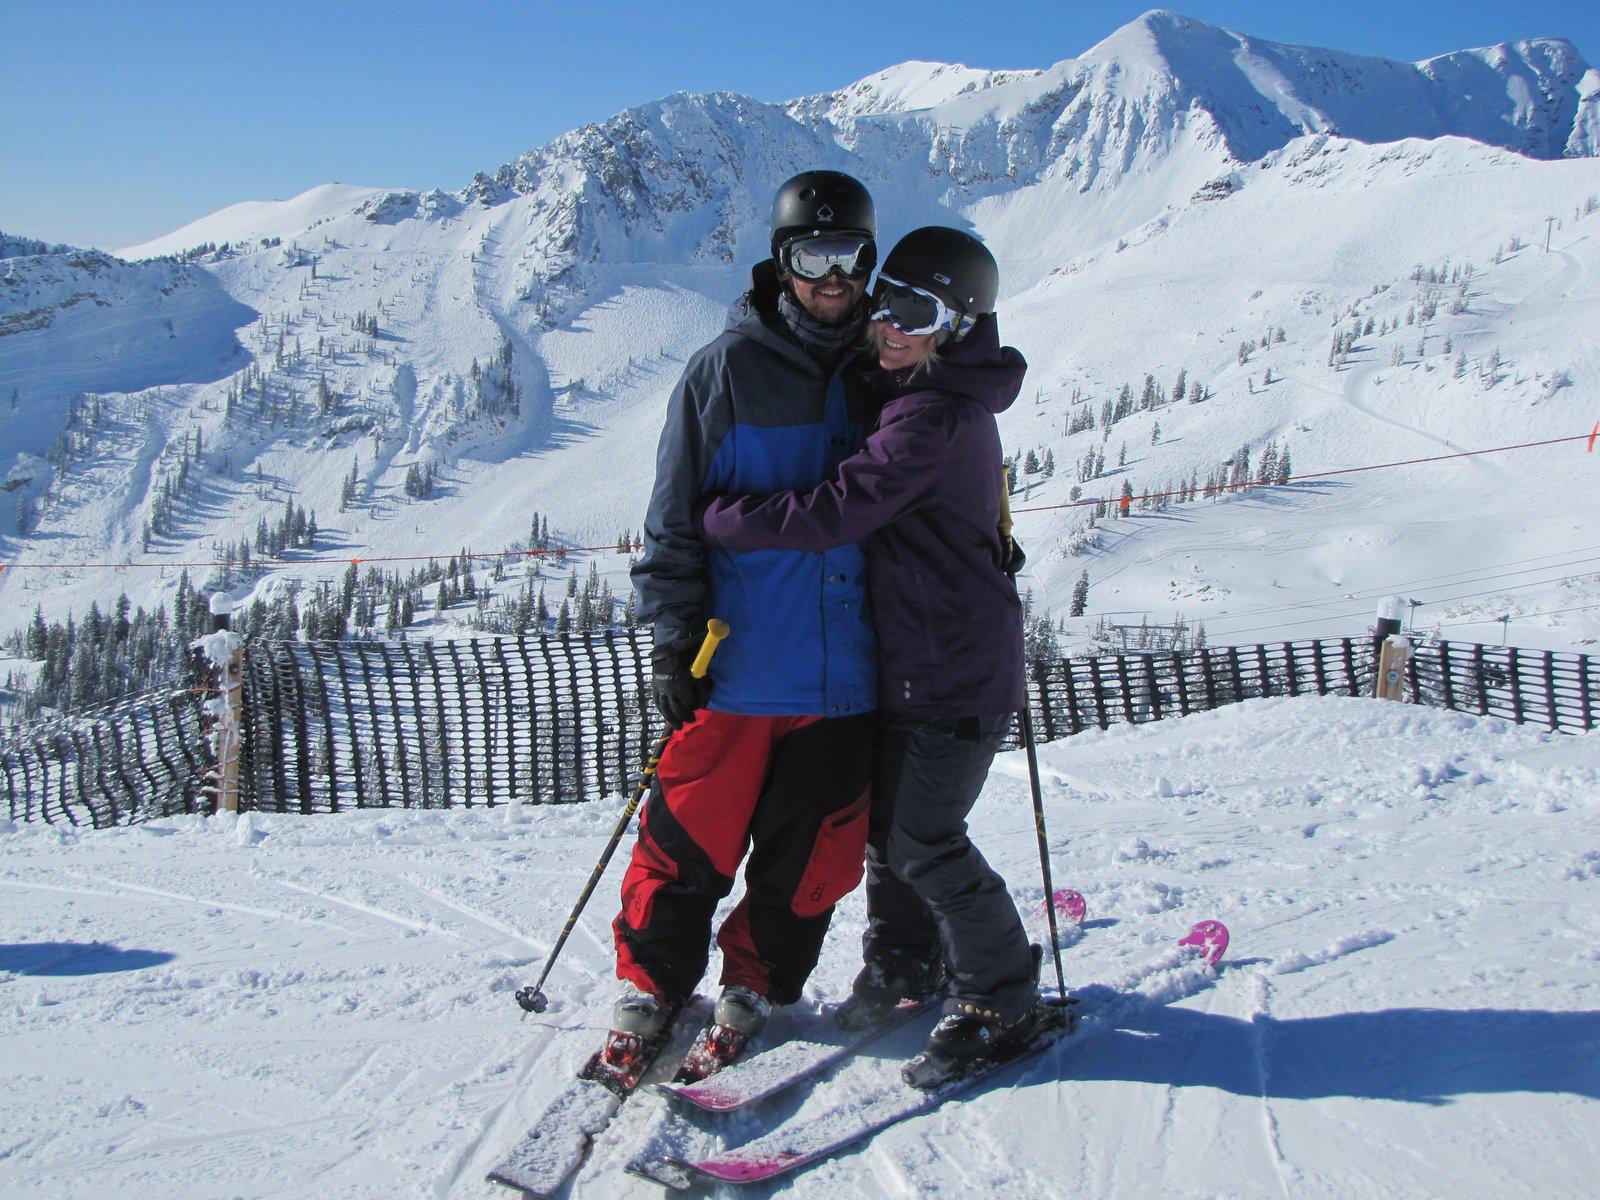 me & the fiance